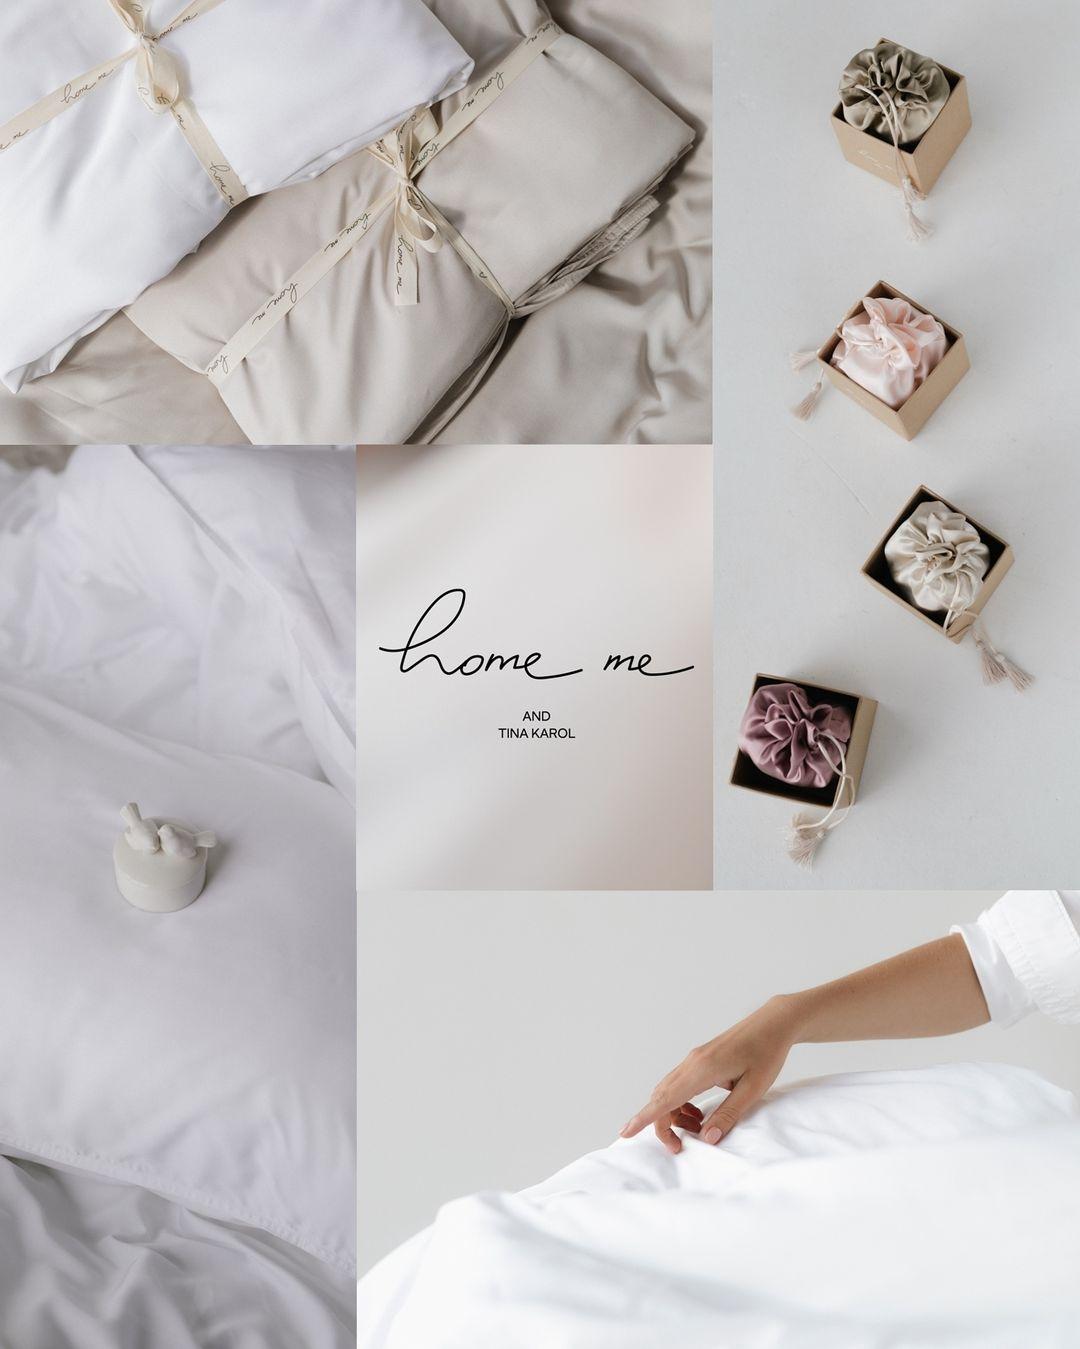 Тина Кароль выпустила коллекцию постельного белья